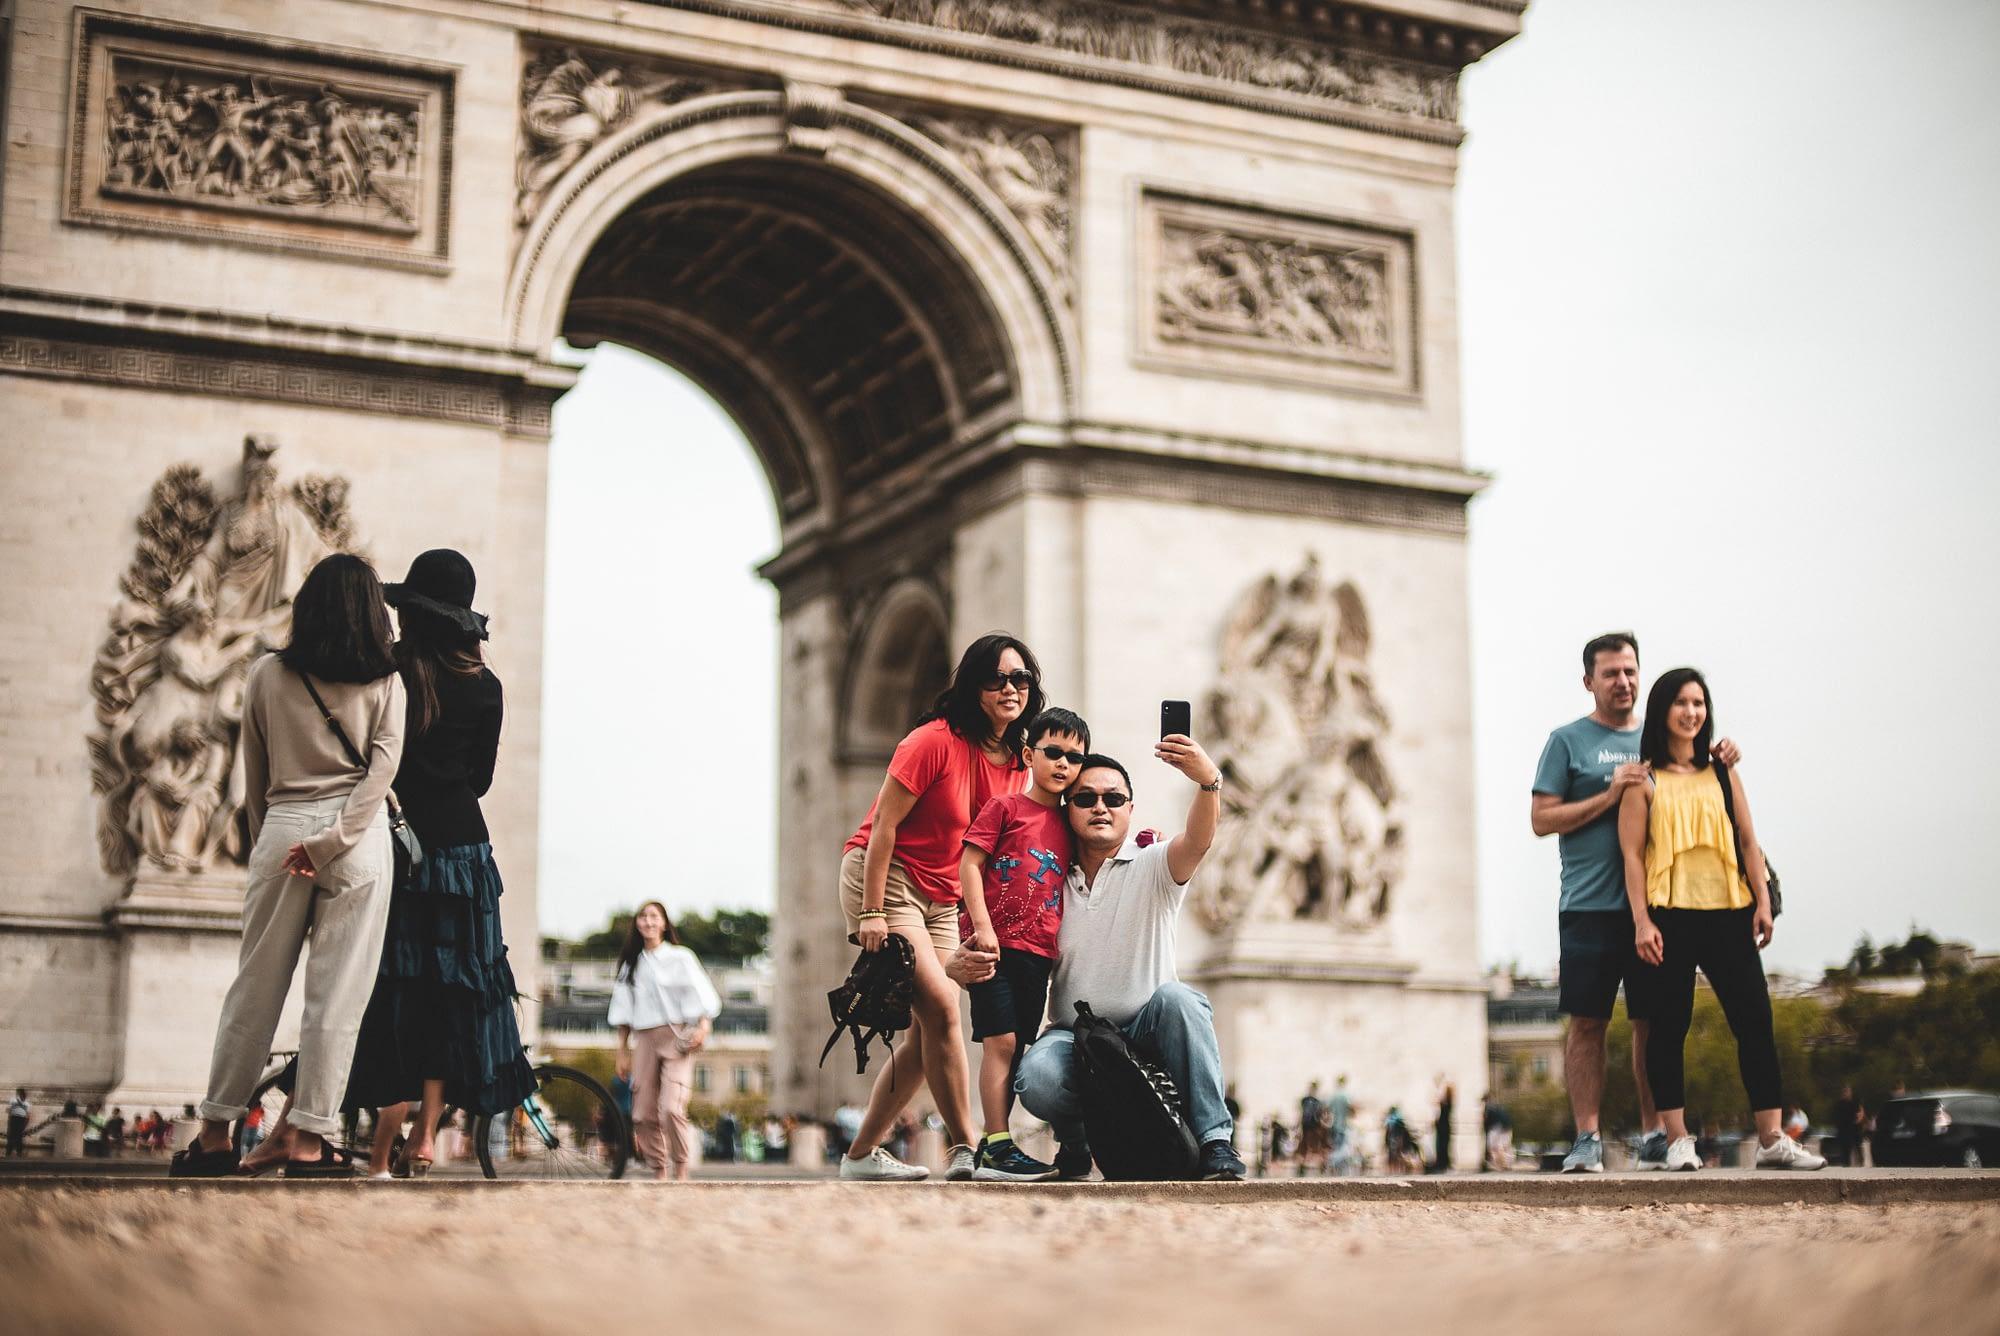 touristes-chinois-paris